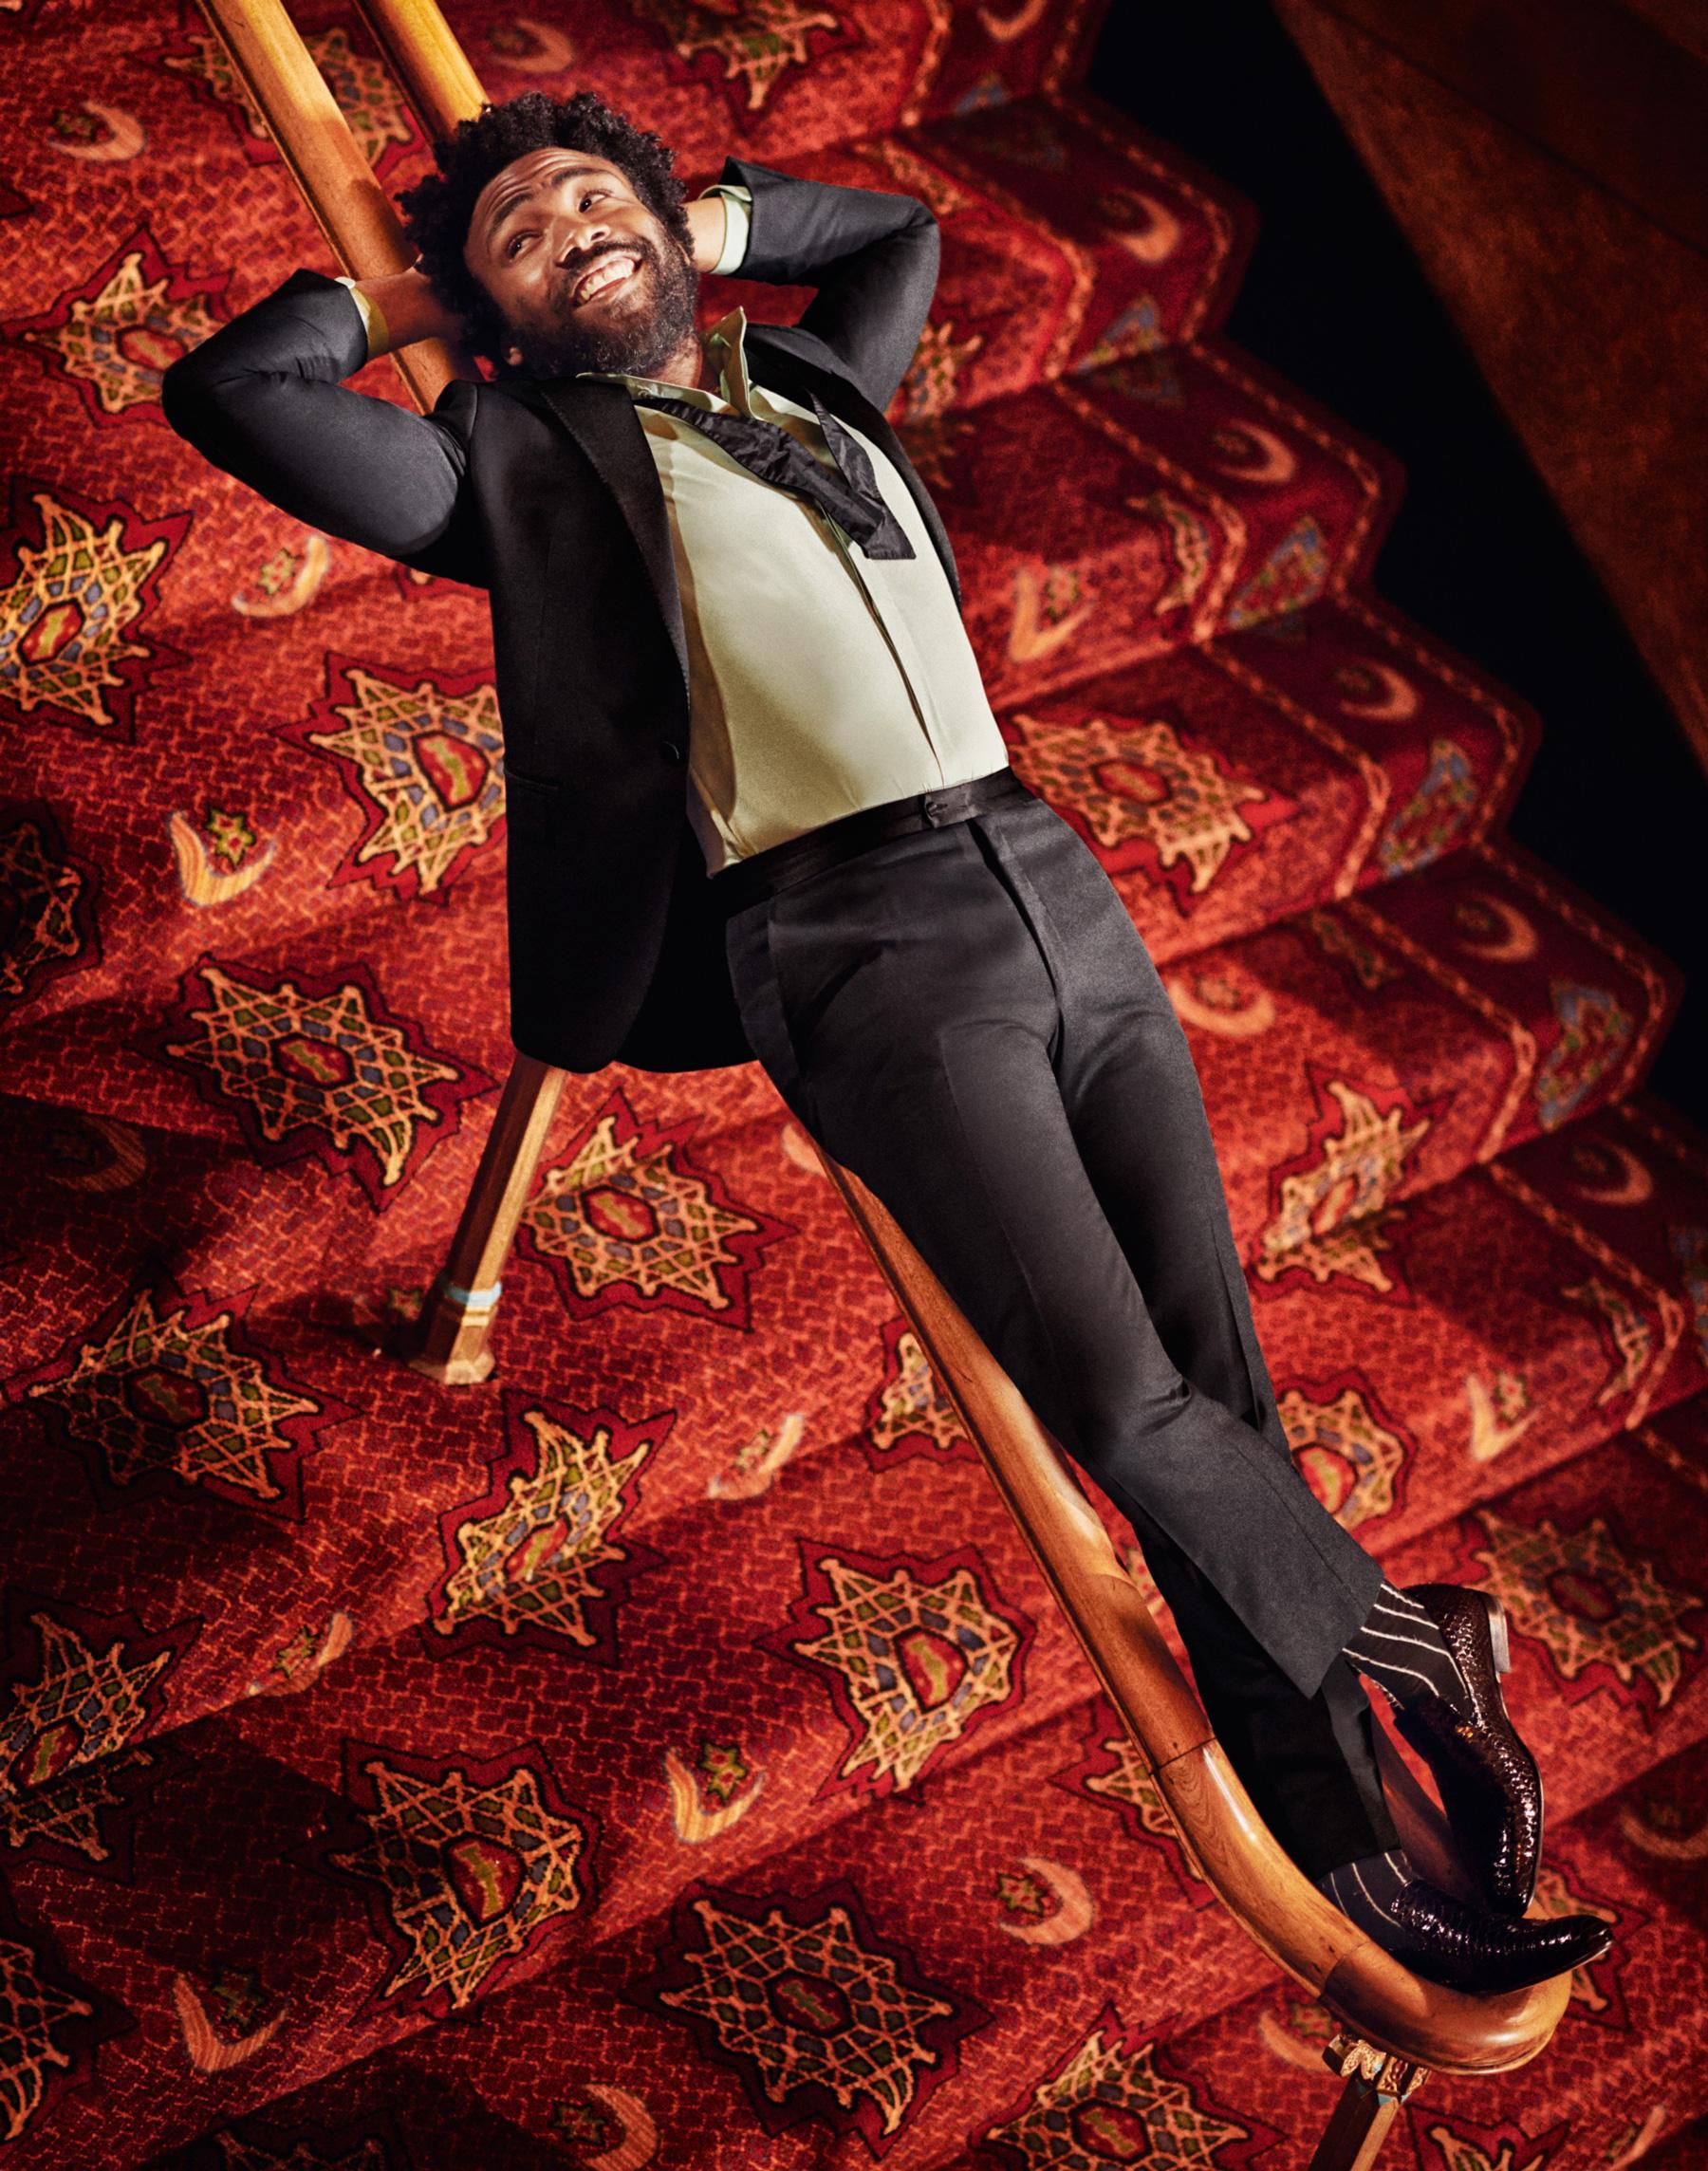 Смокинг ибабочка Lanvin,  рубашка Maison Margiela, носки Haider Ackermann, лоферы Paul Andrew